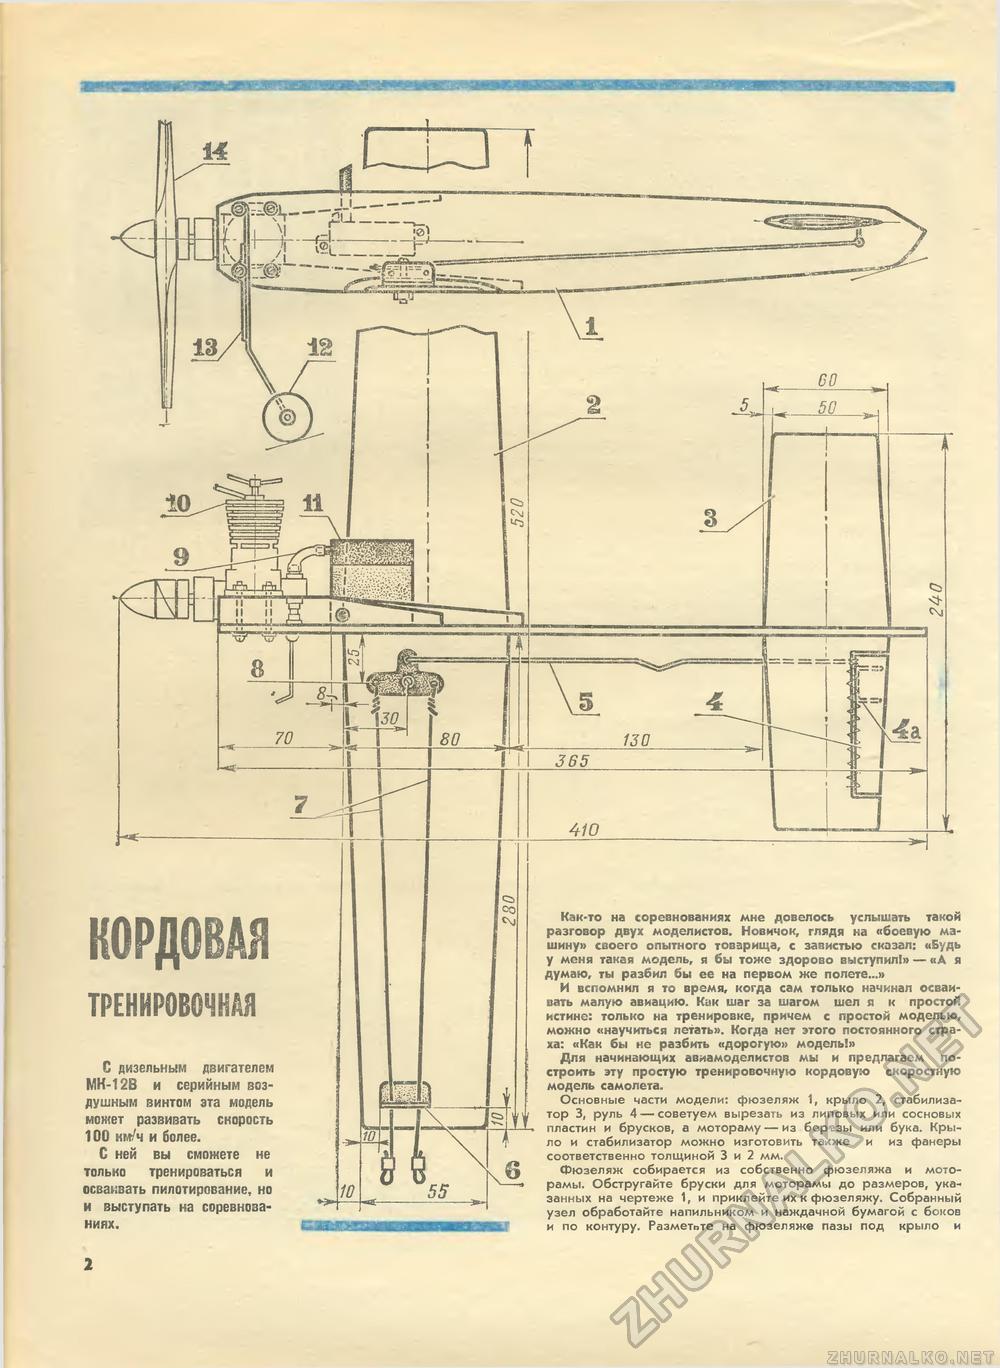 Кордовый самолет своими руками с электродвигателем